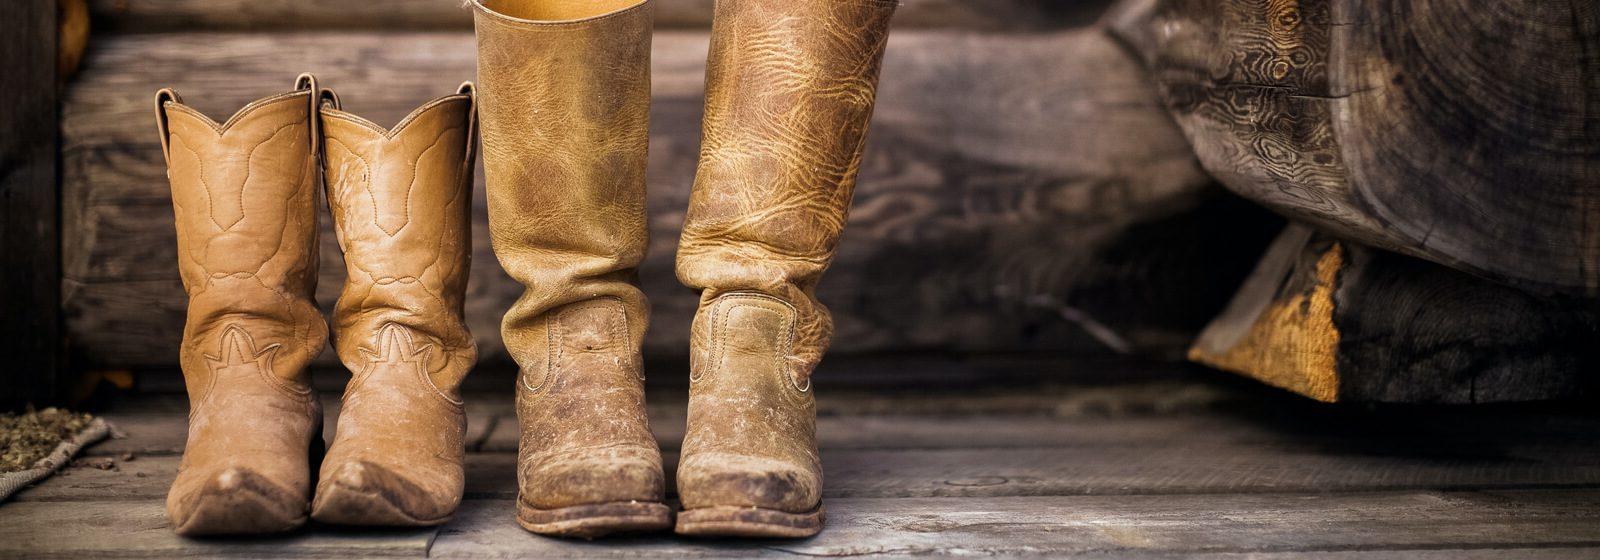 Cowboy image slide